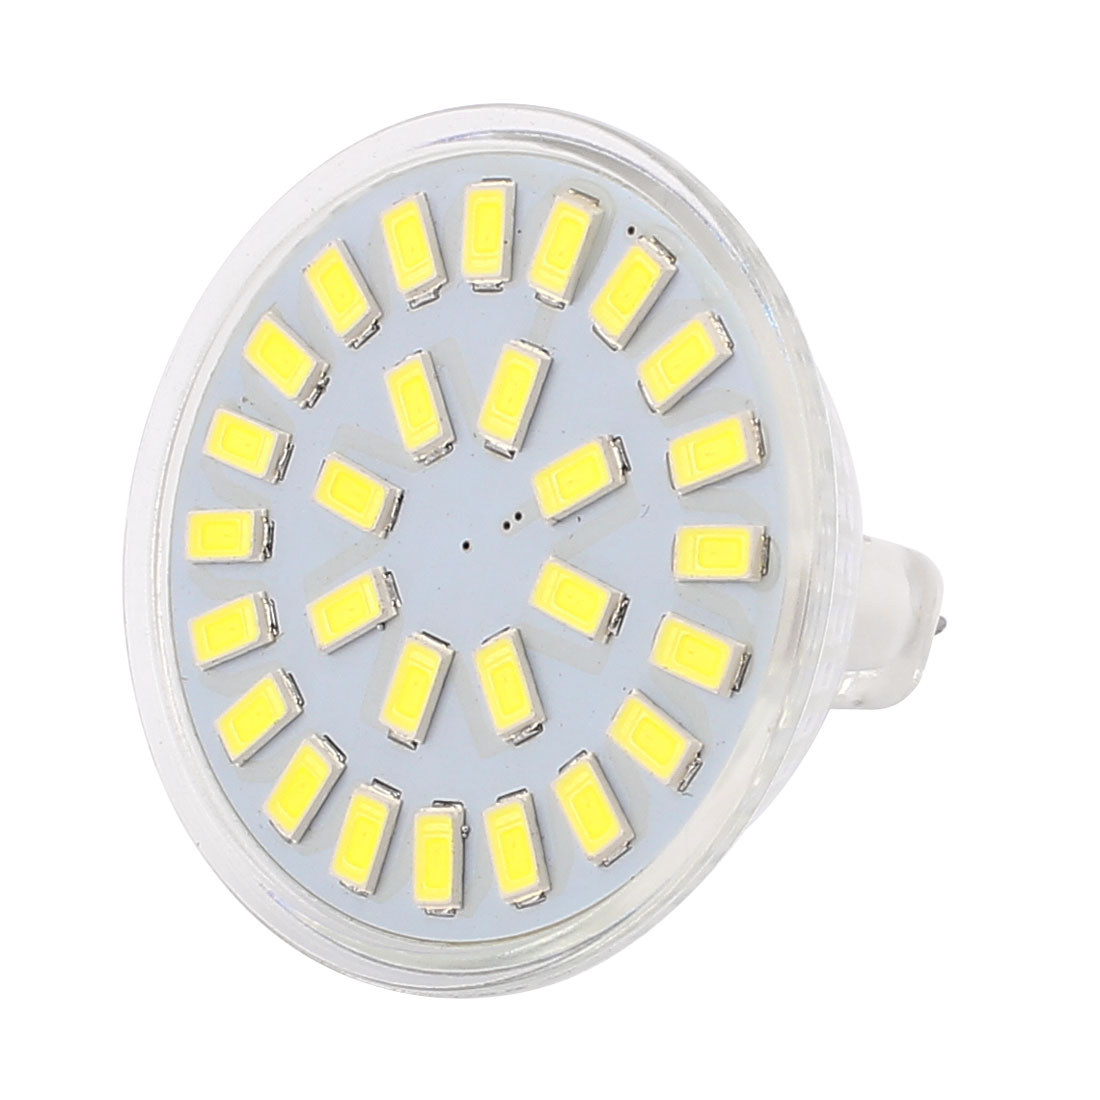 220V-240V 5W MR16 5730 SMD 28 LEDs LED Bulb Down Light Spotlight Lamp White